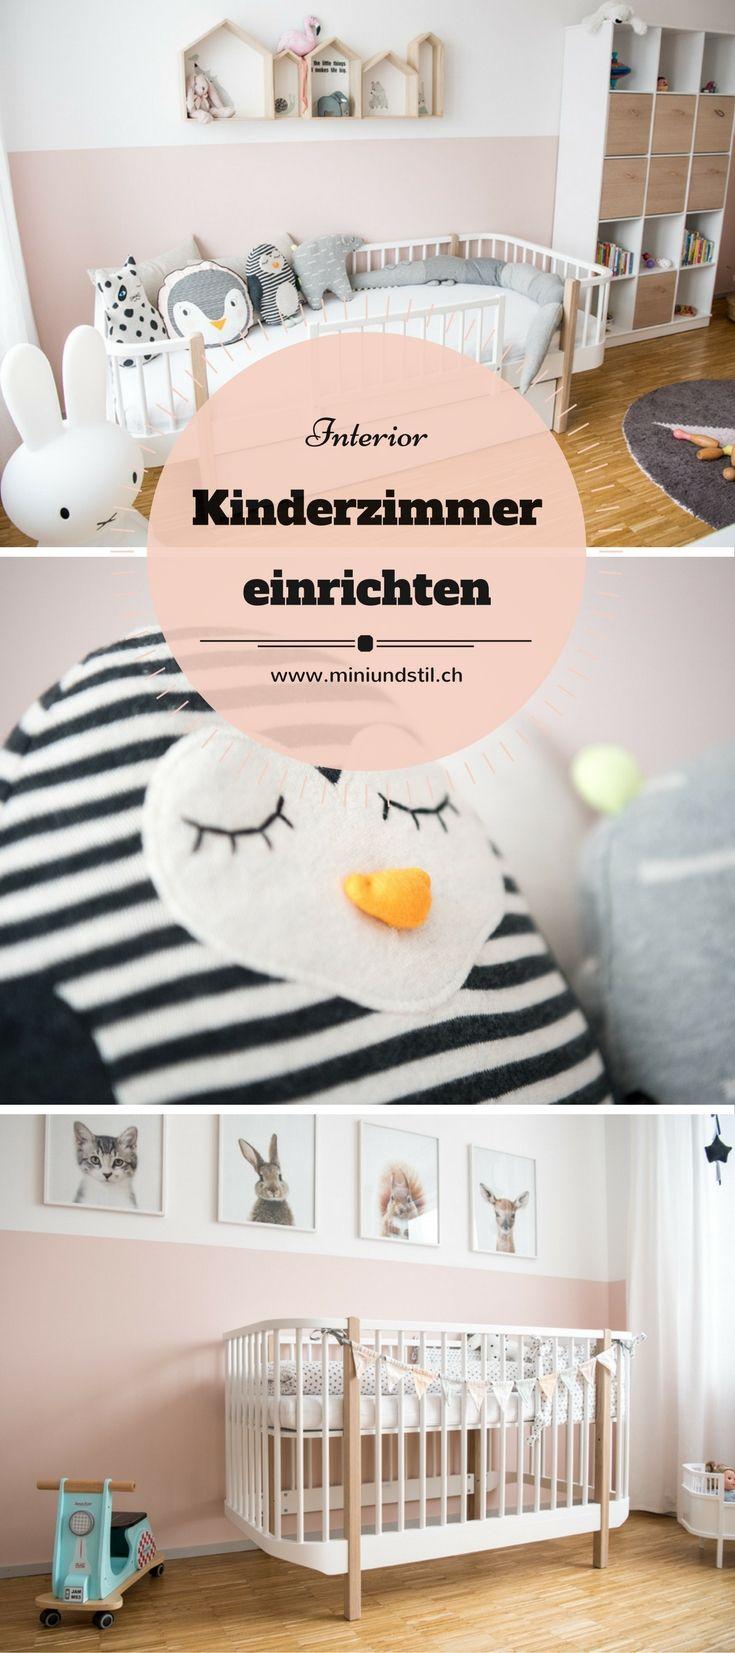 Wir haben unser Kinderzimmer mit Möbeln von Oliver Furniture neu eingerichtet! Lasst euch inspirieren: Geschwisterzimmer, Kinderzimmer, Babyzimmer, Accessoirs...